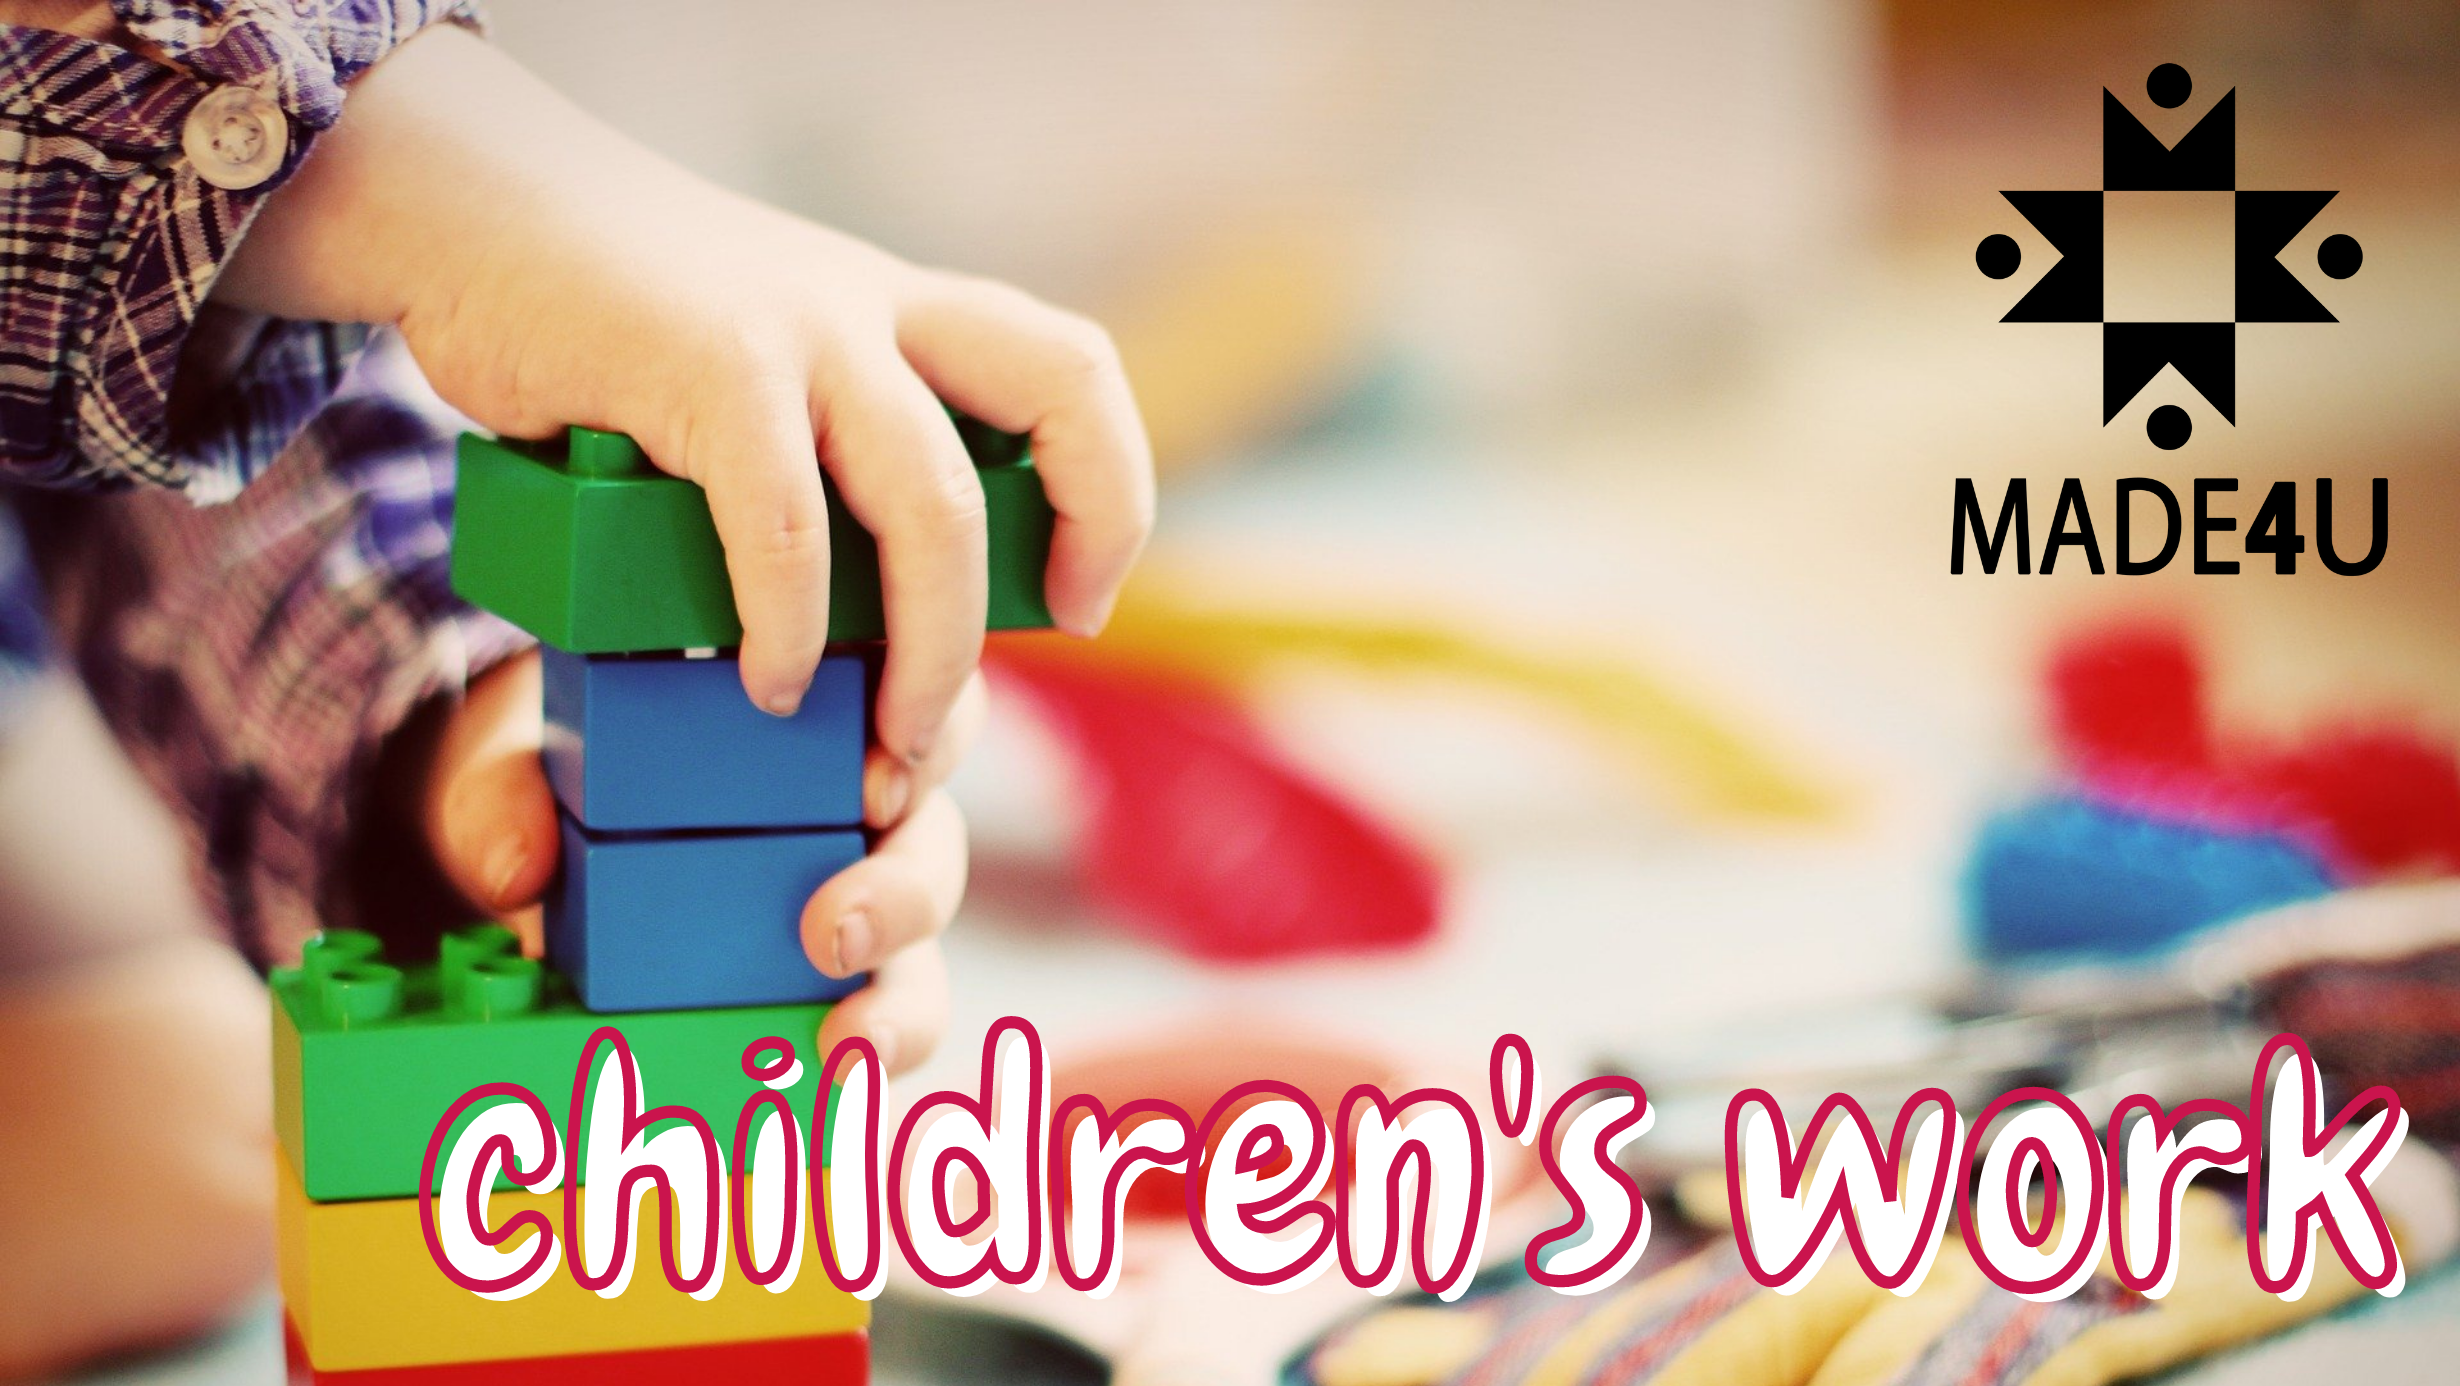 Childrens Work